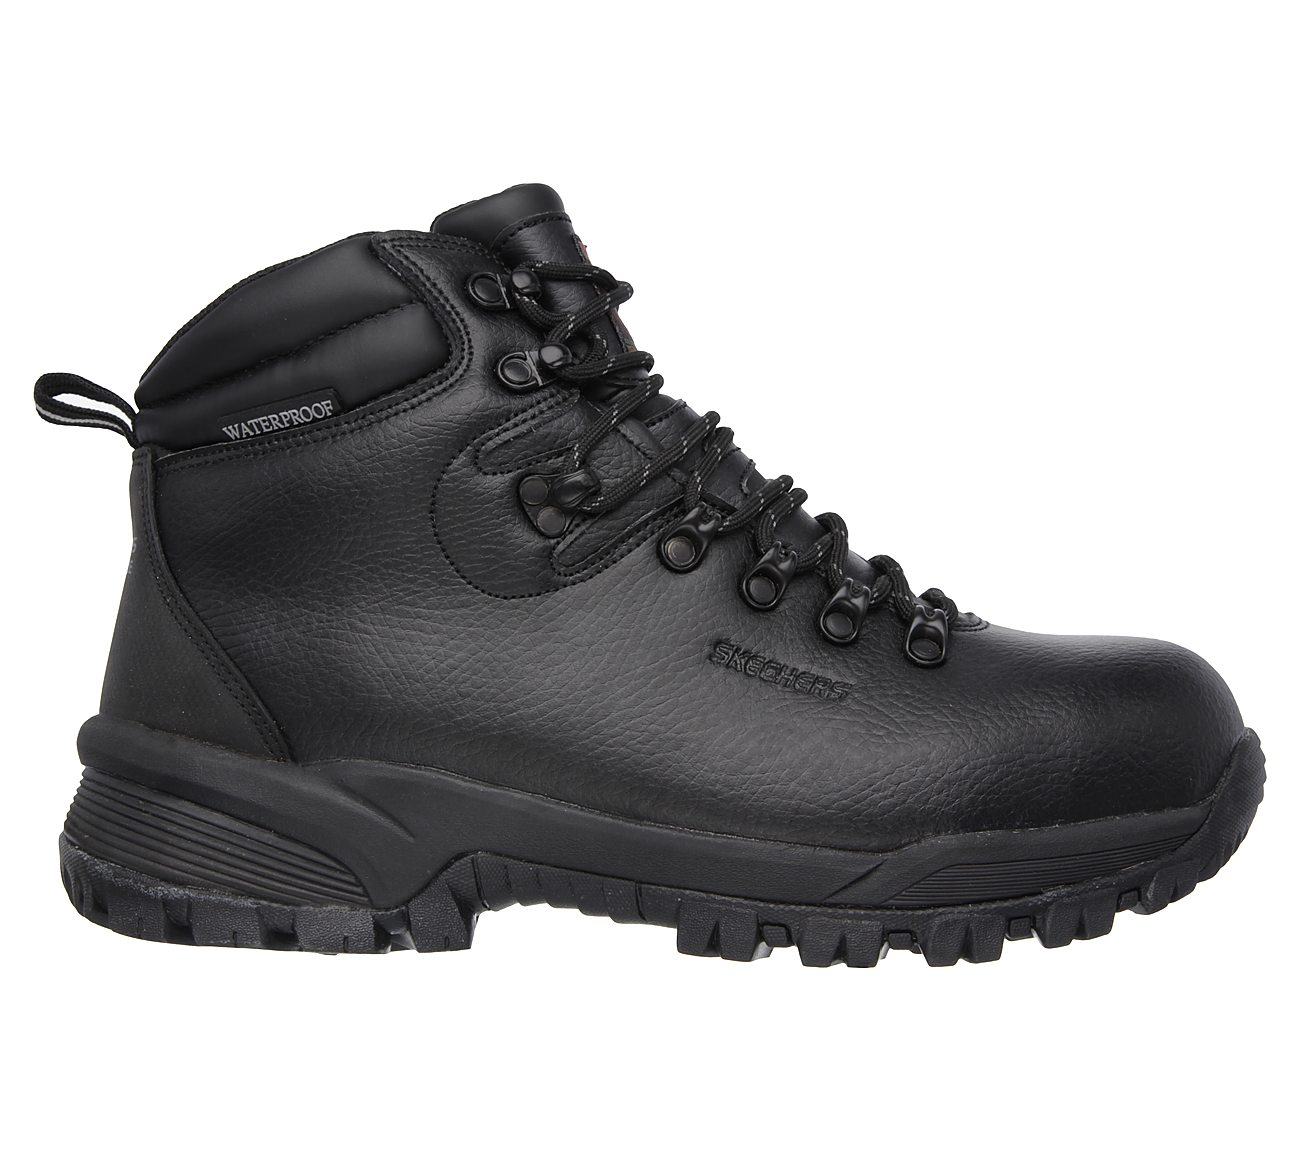 skechers work boots